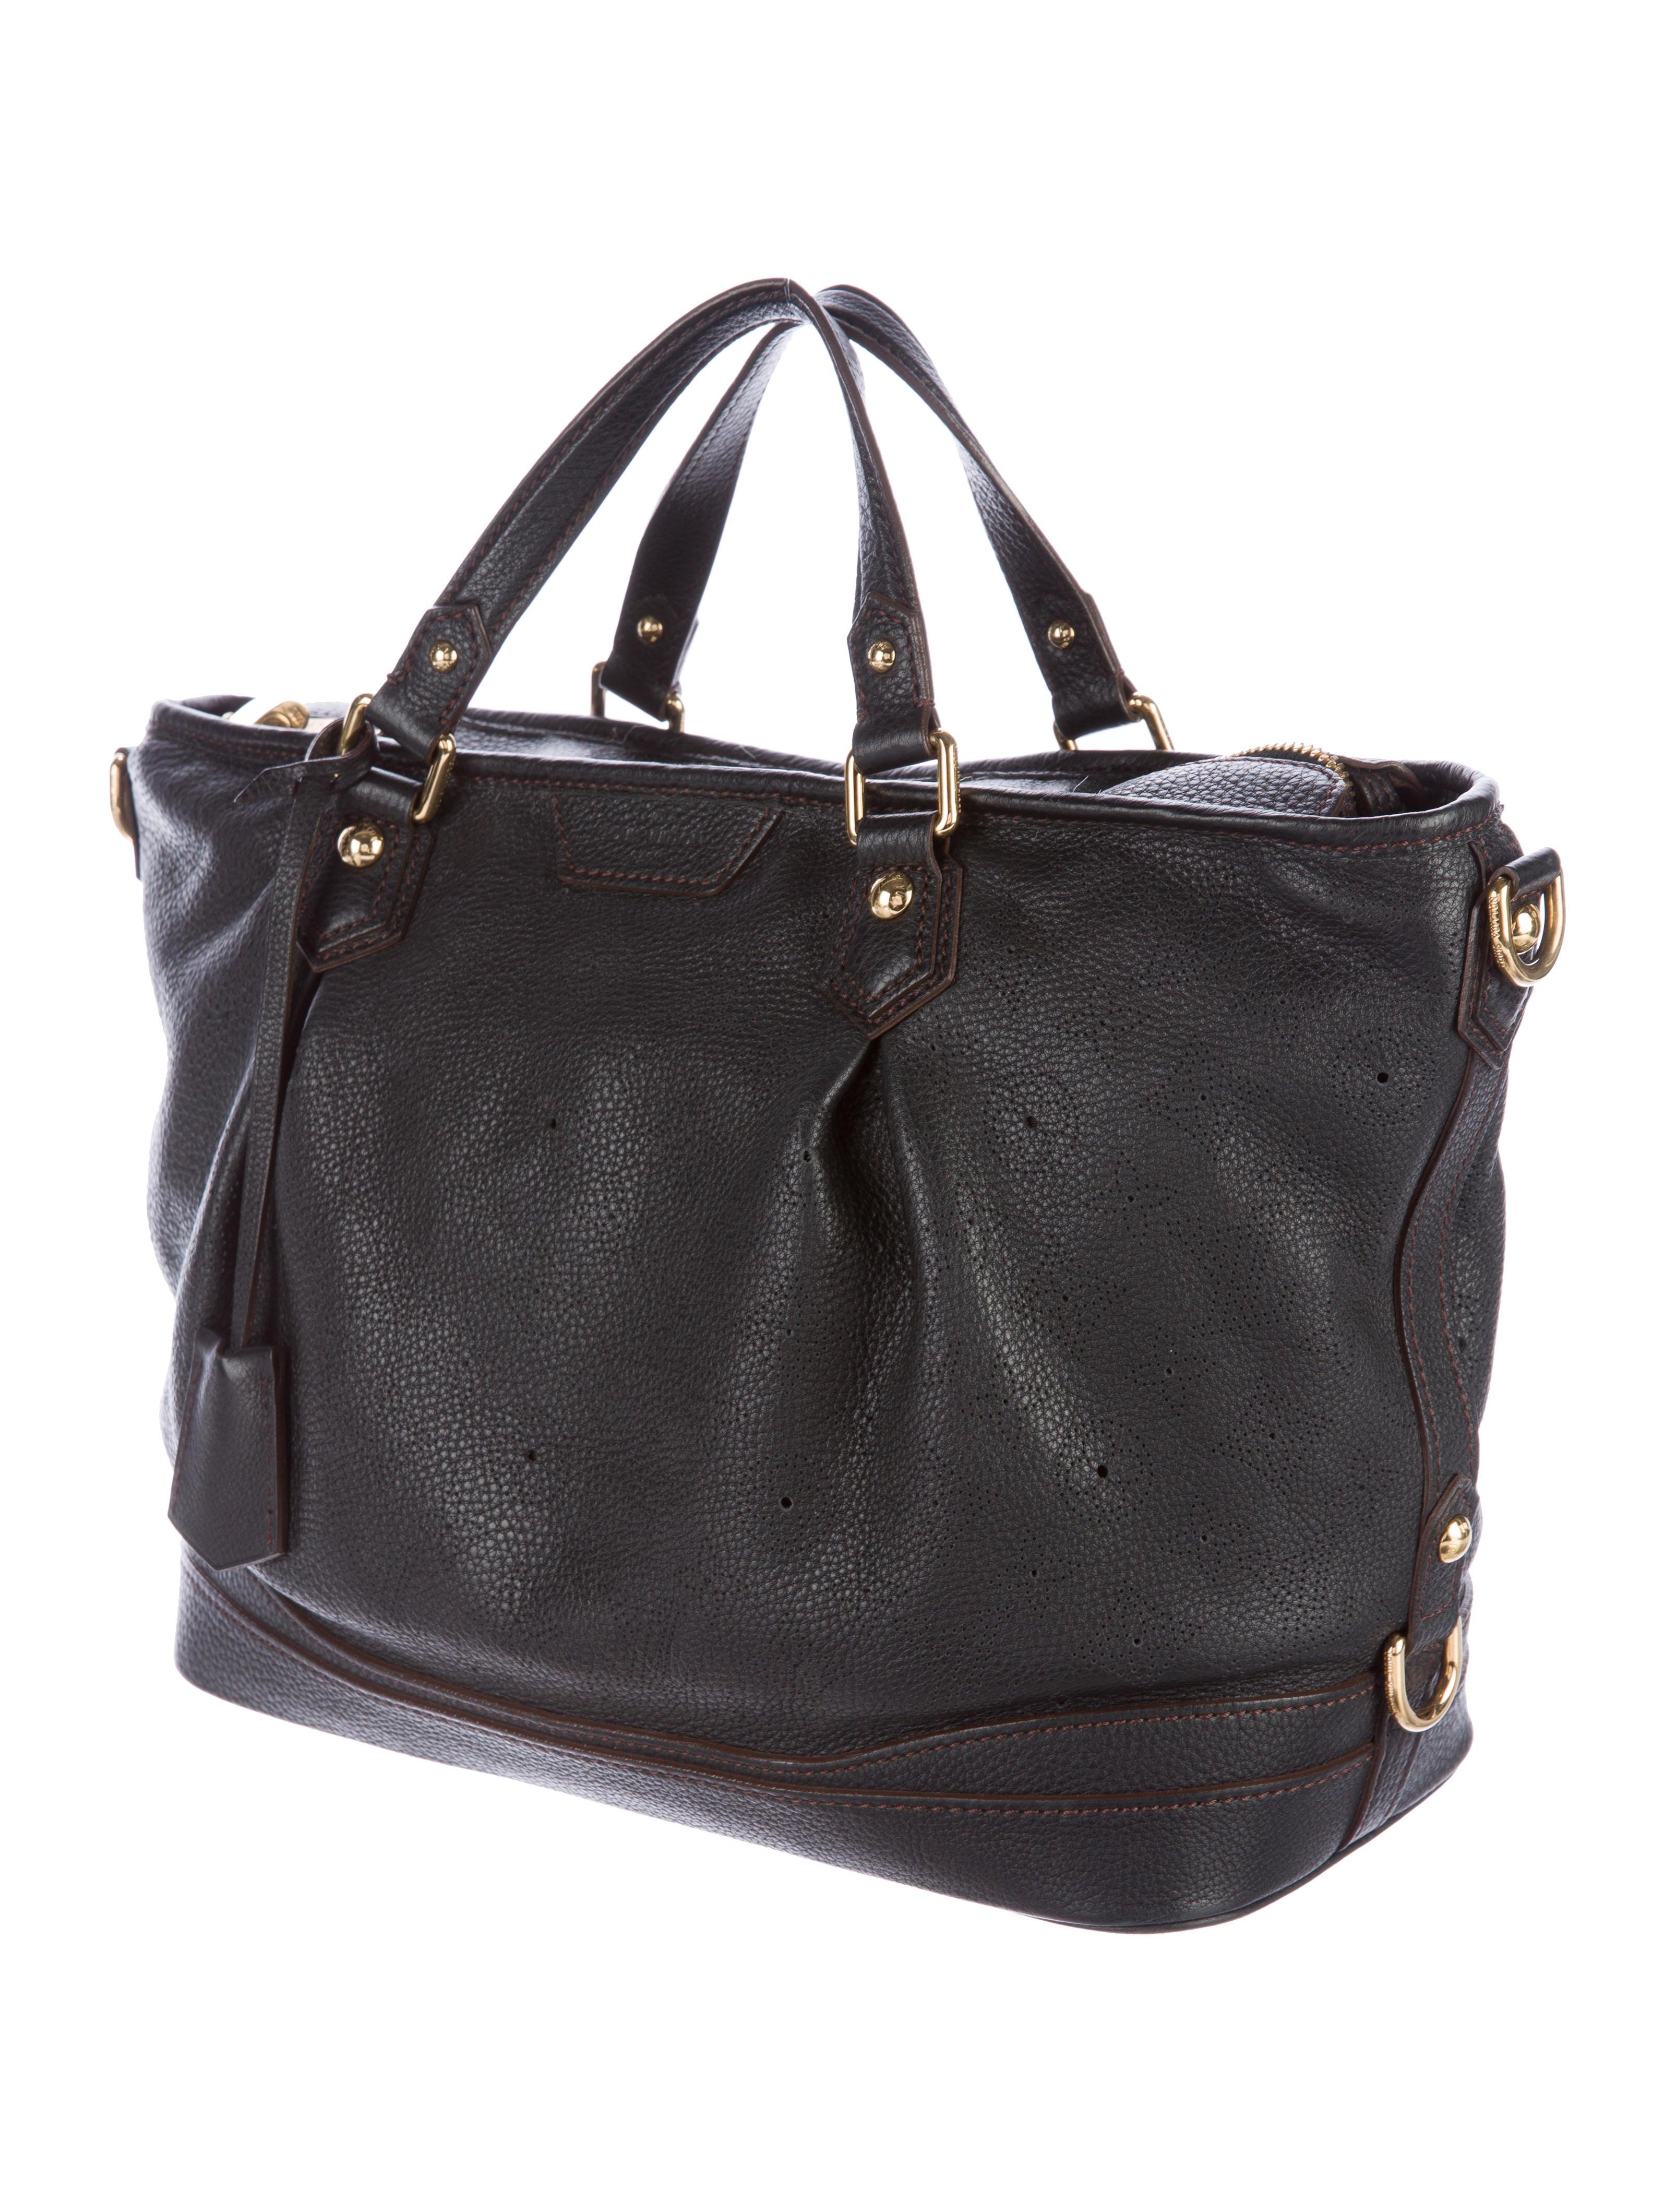 louis vuitton 2008 handbag collection. mahina stellar pm louis vuitton 2008 handbag collection